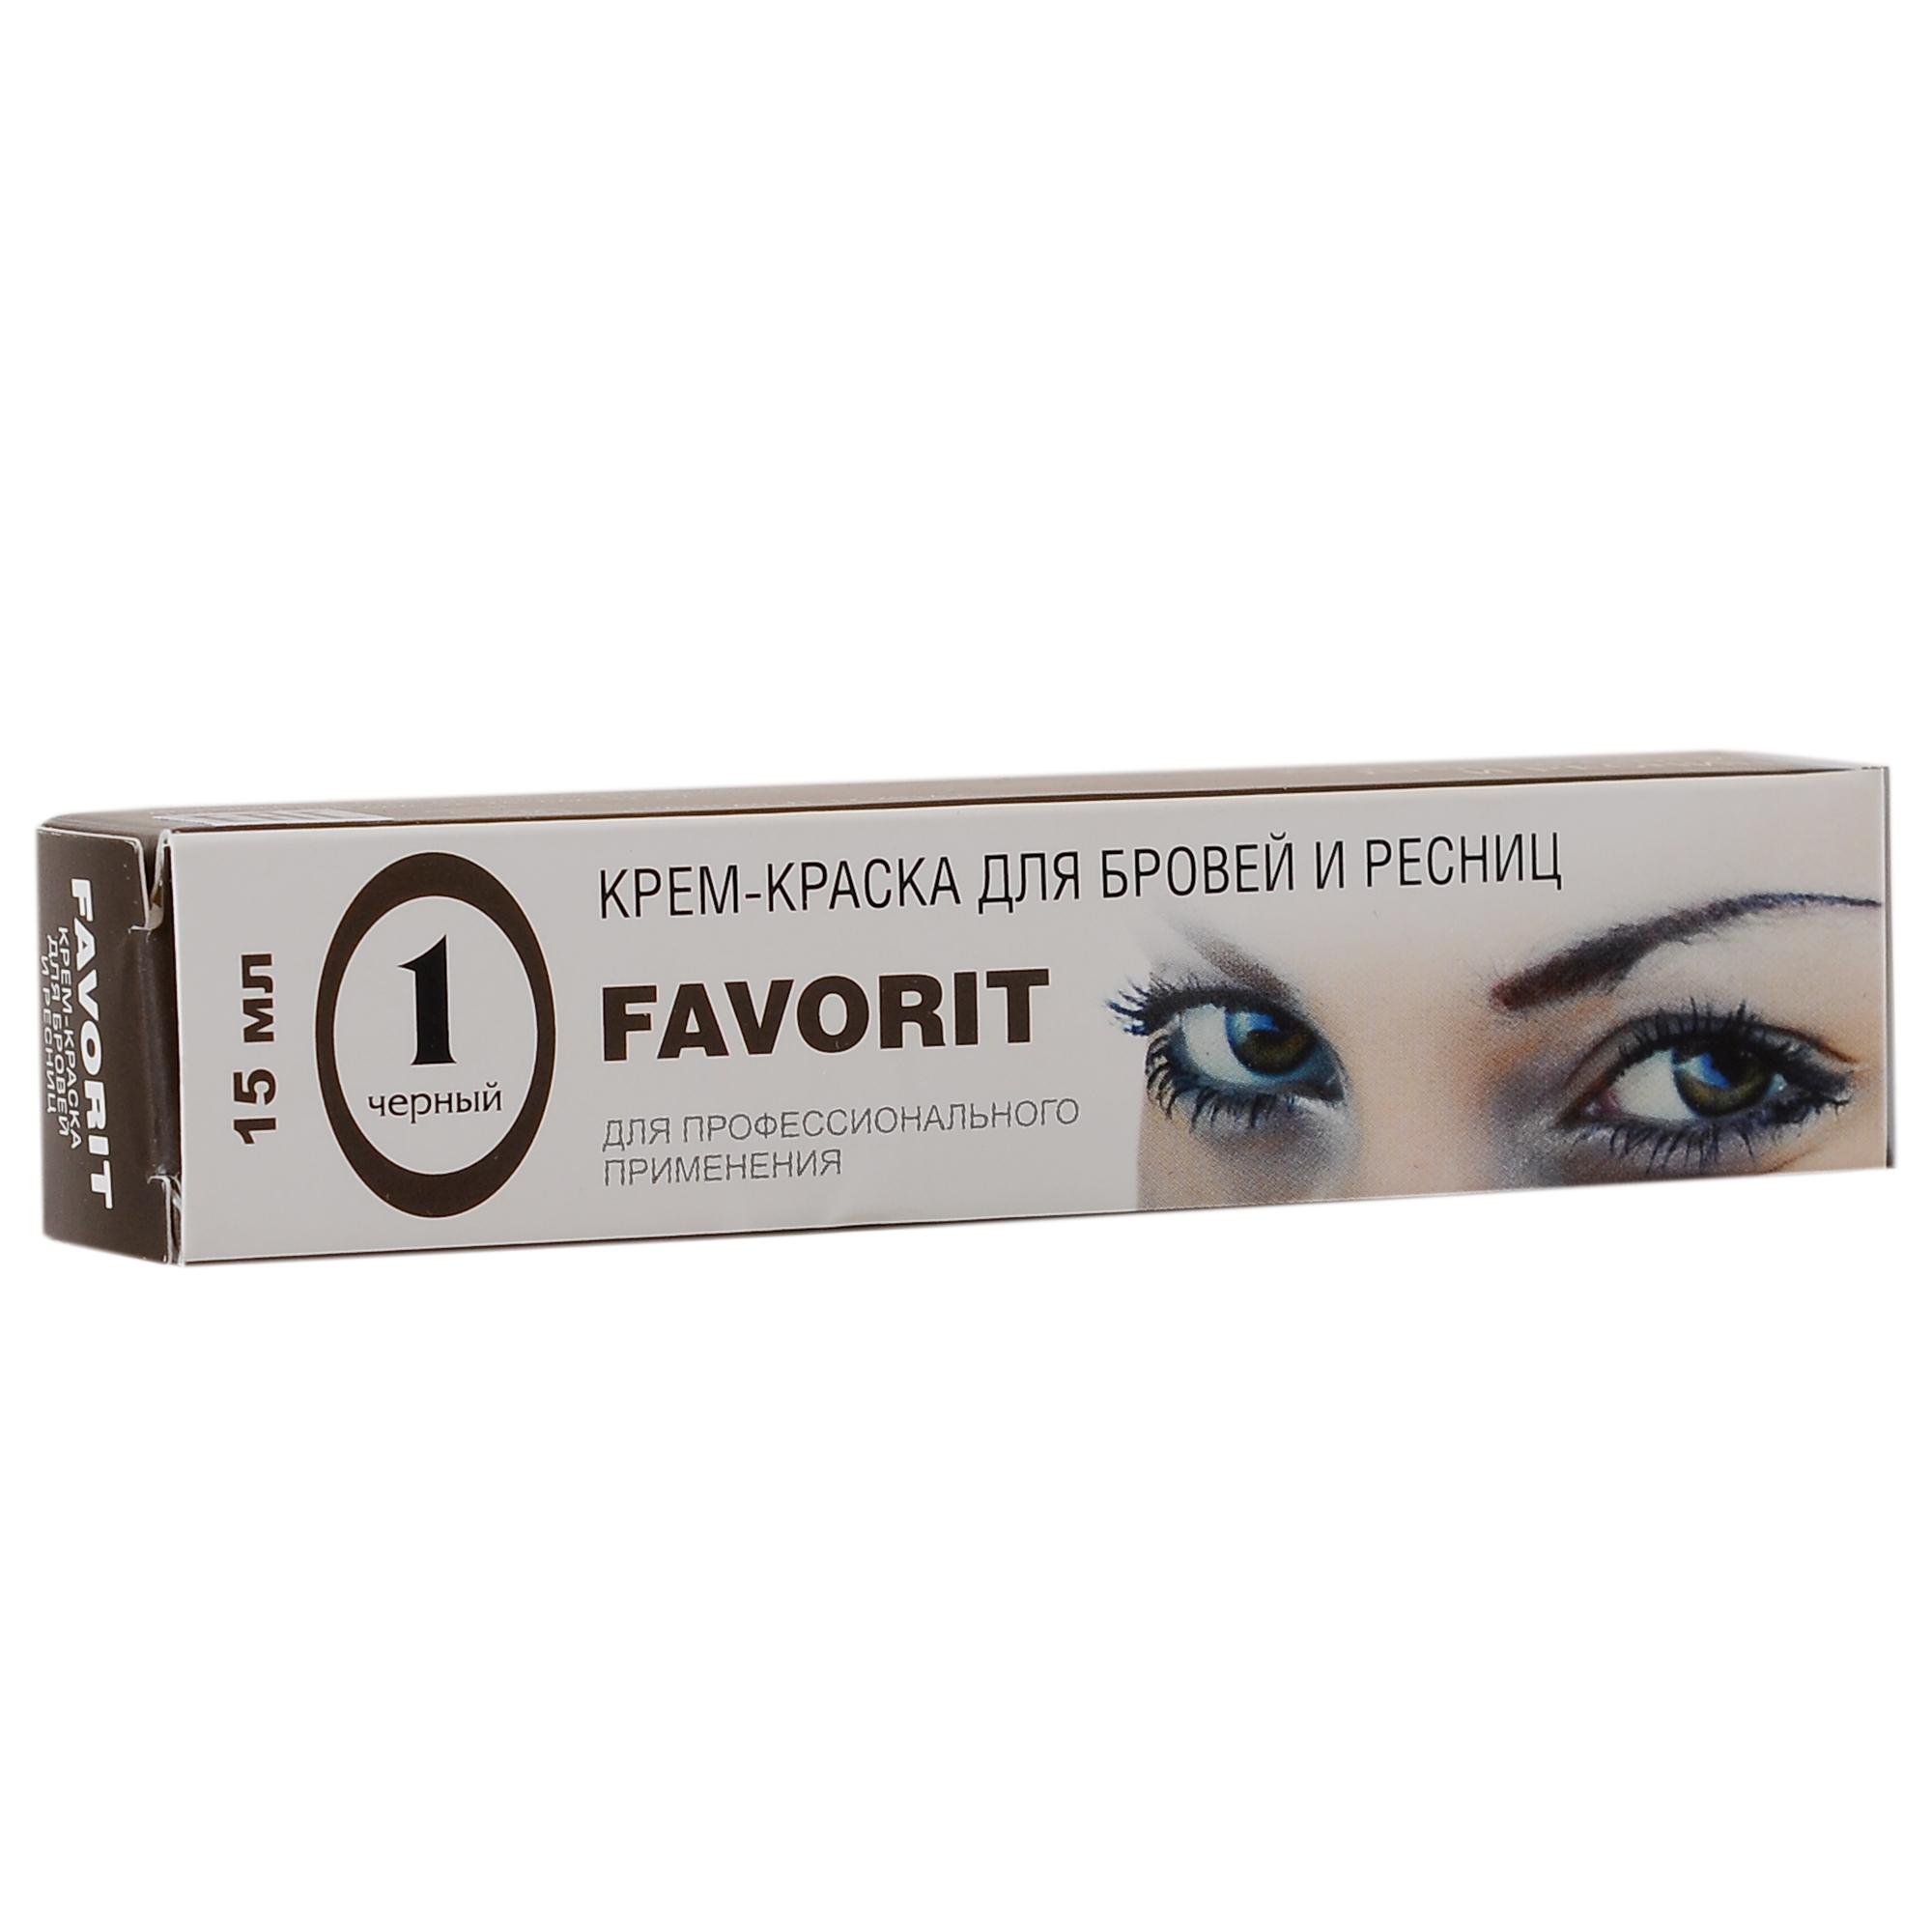 Купить со скидкой FARMAVITA Краска для бровей и ресниц, черная / FAVORIT 15 мл